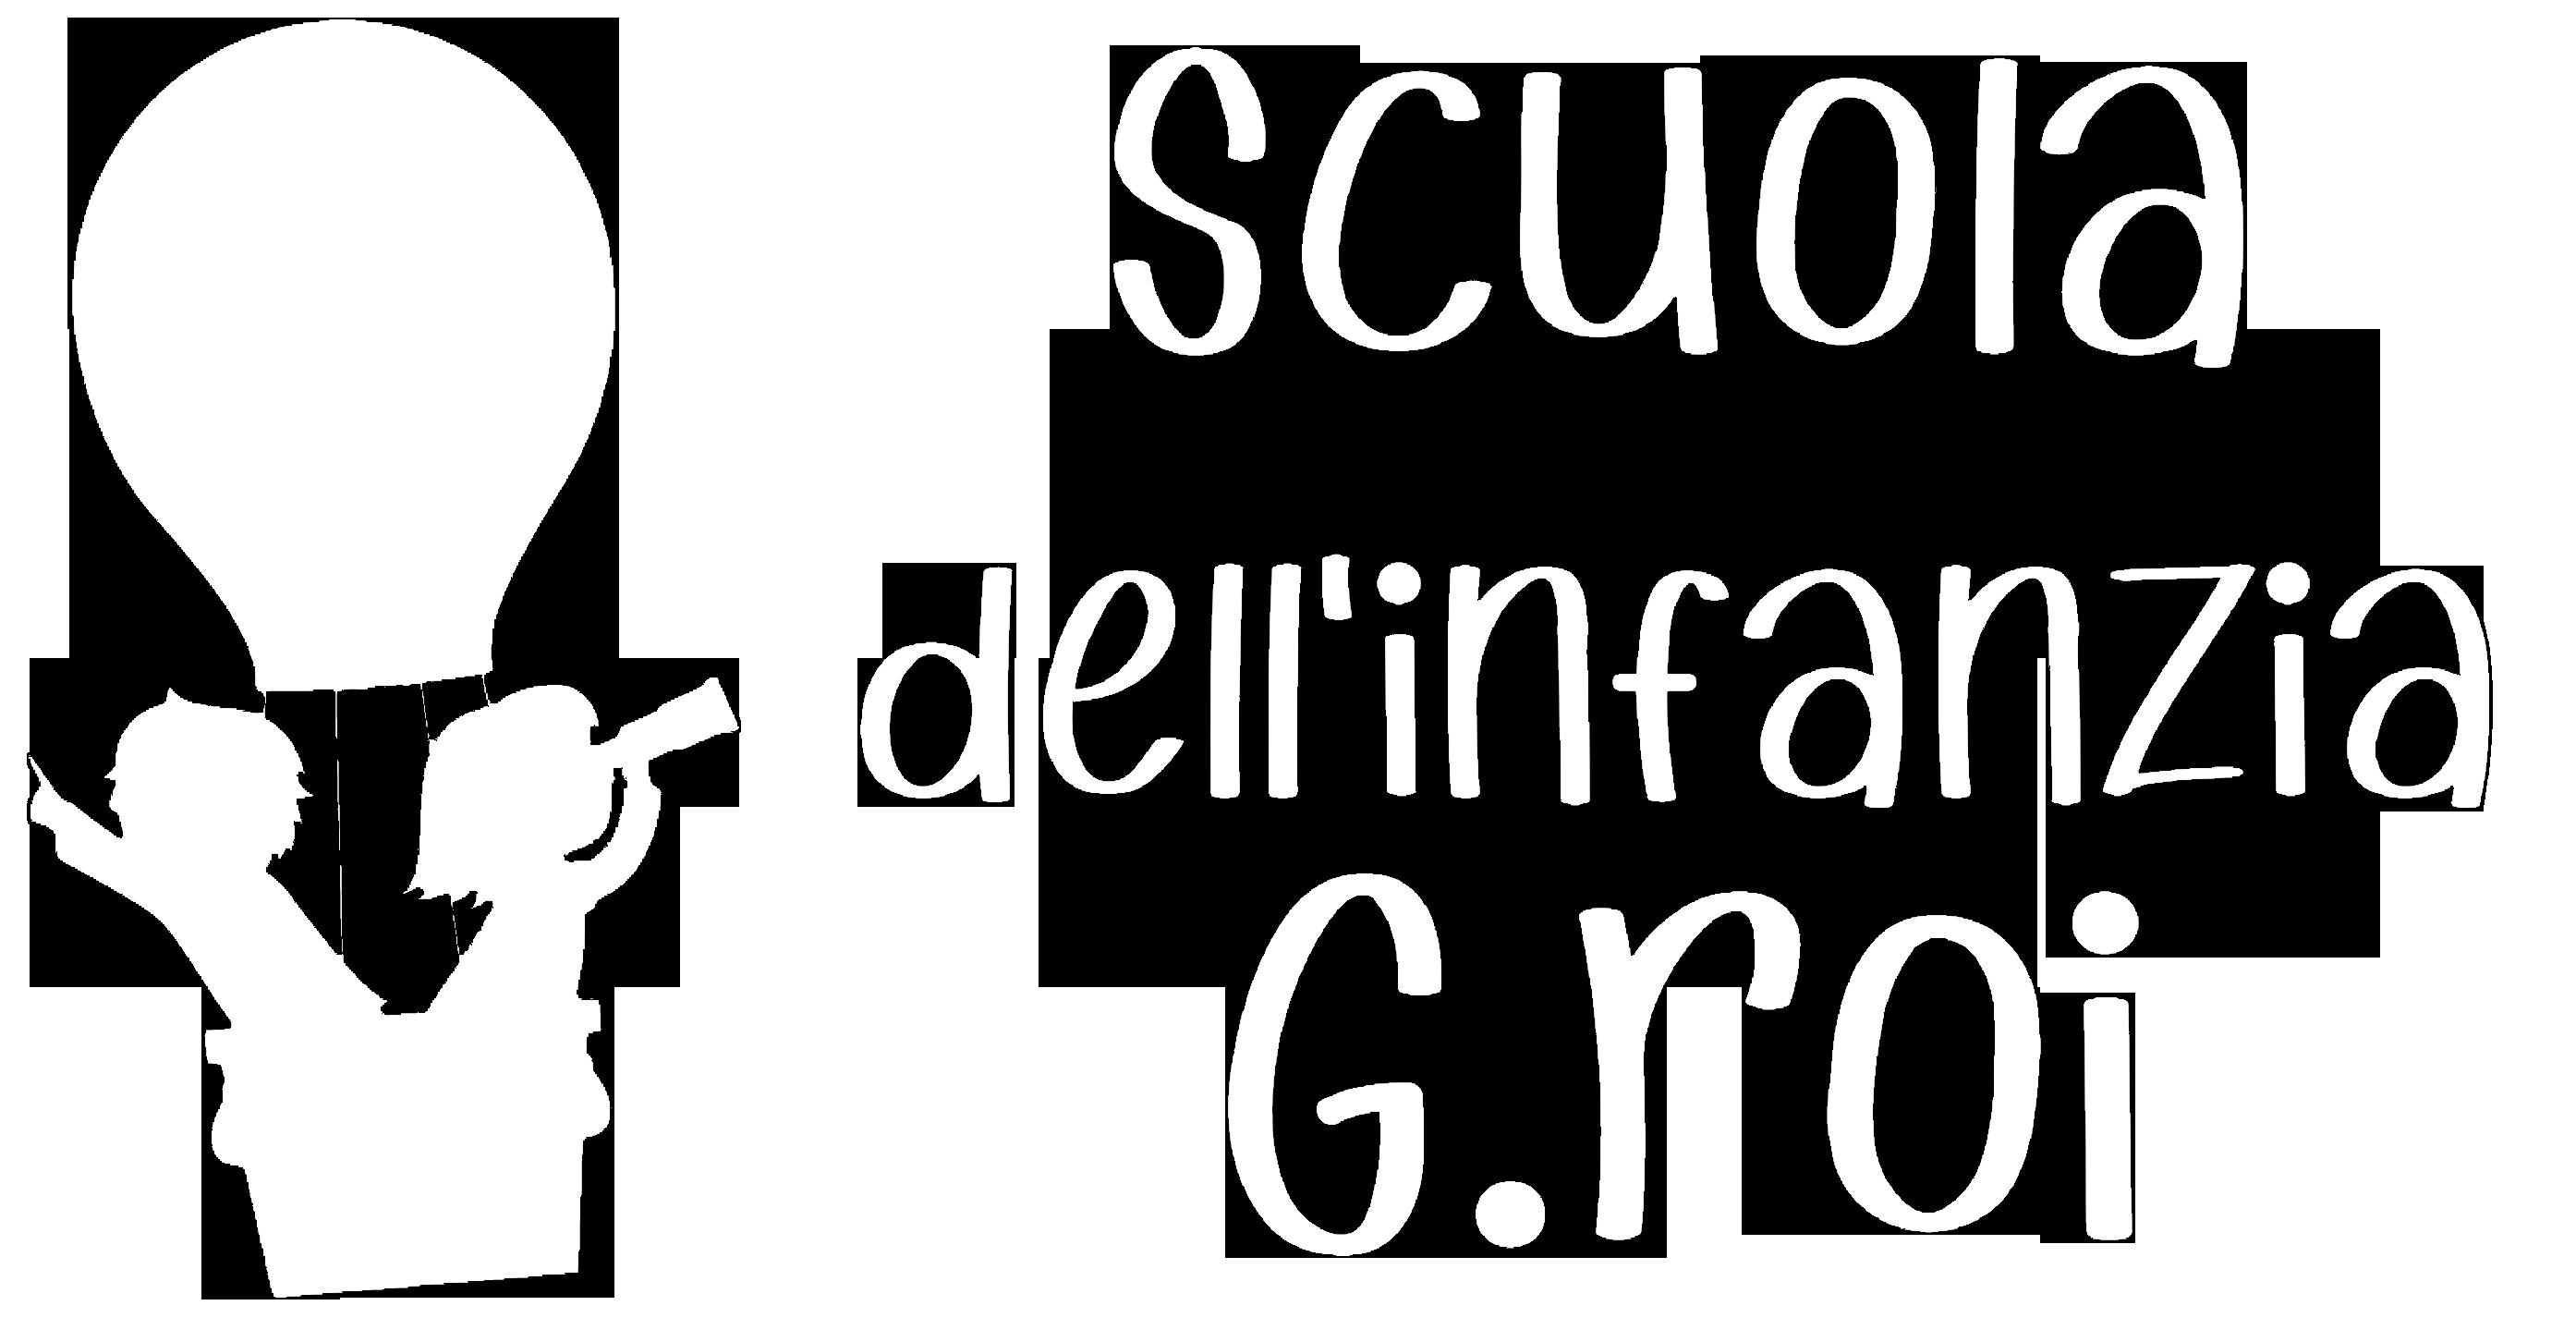 Scuola dell'infanzia G.Roi